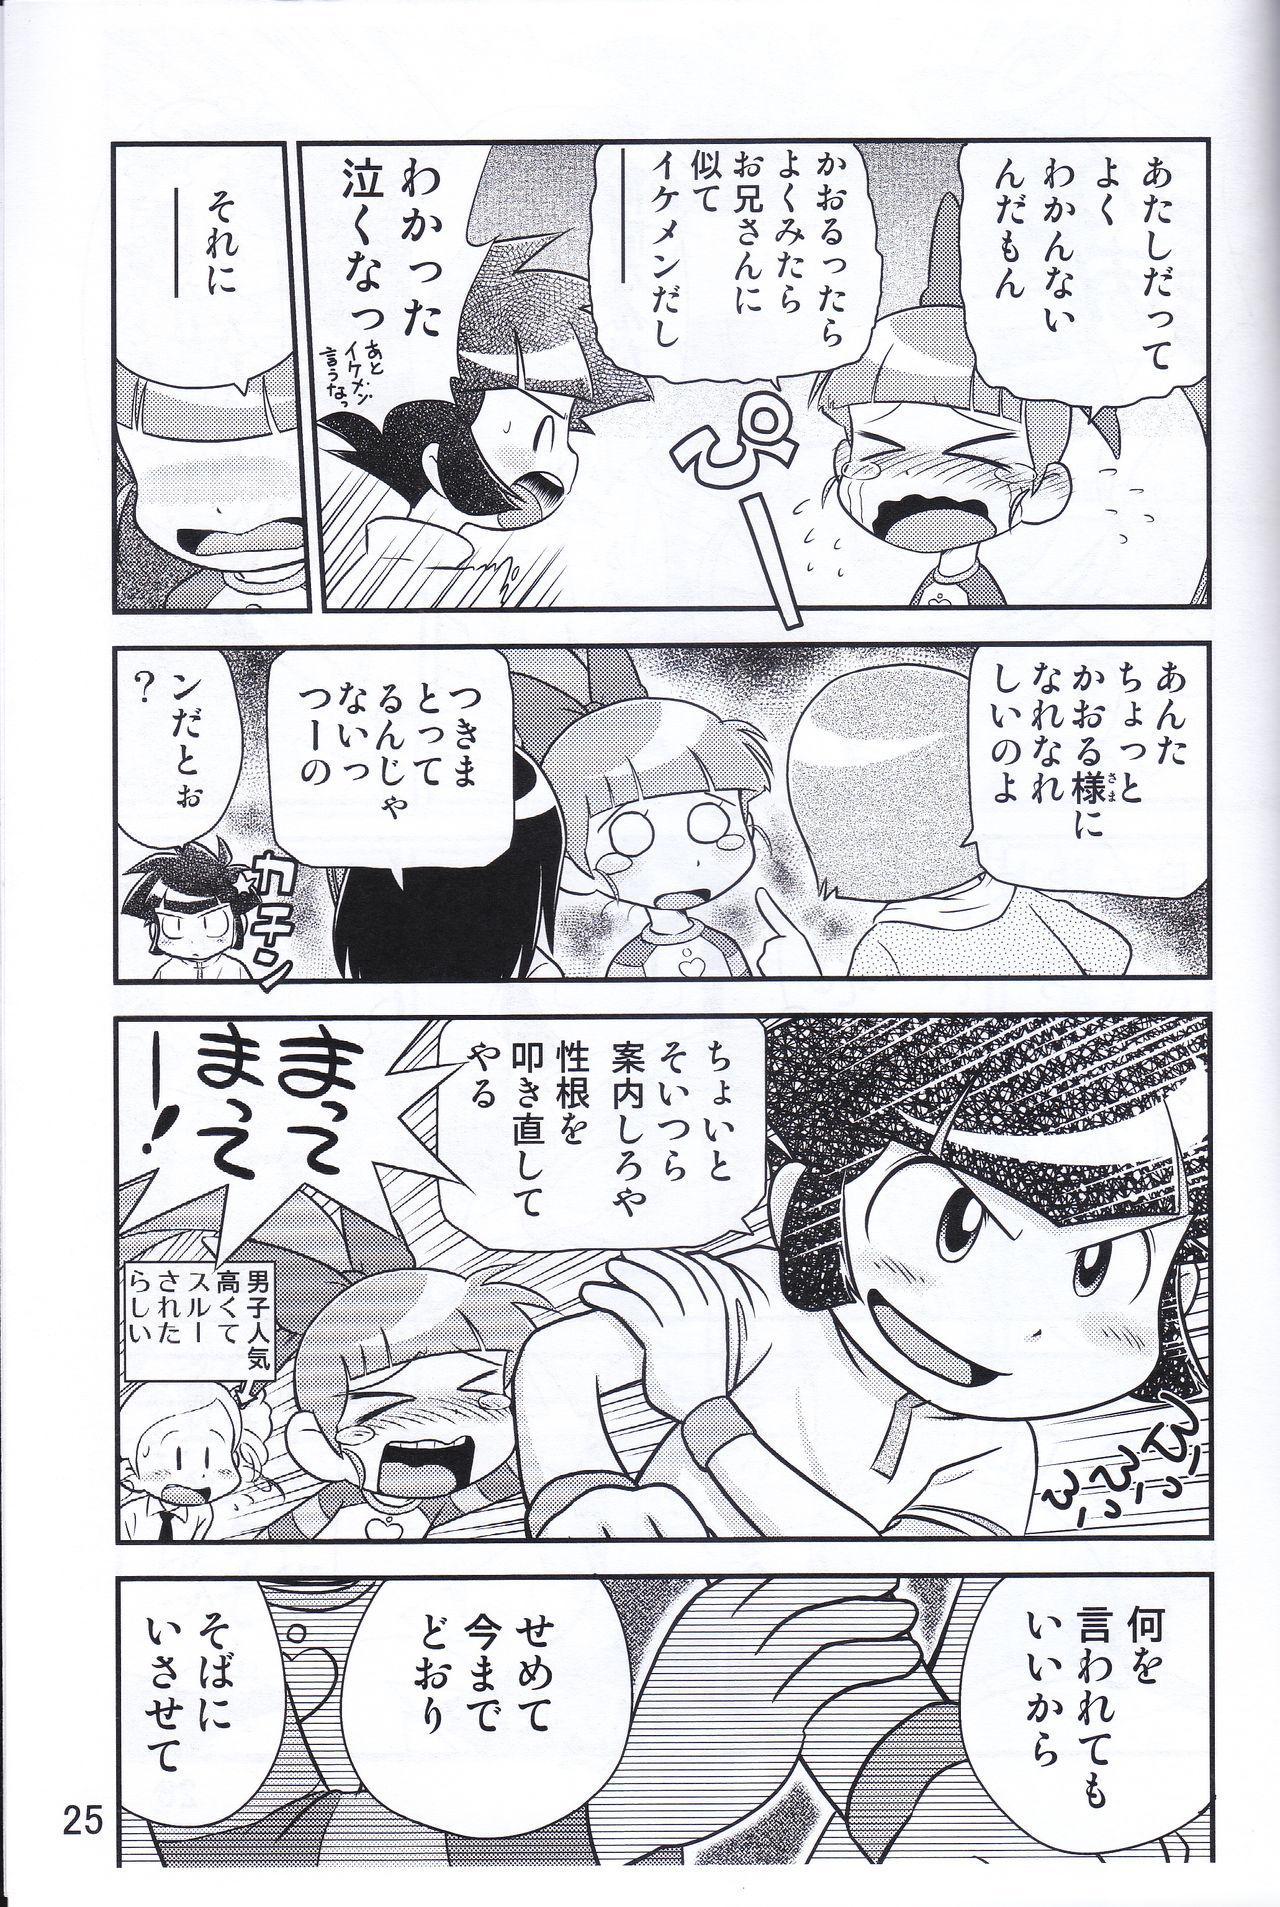 Juicy6 24